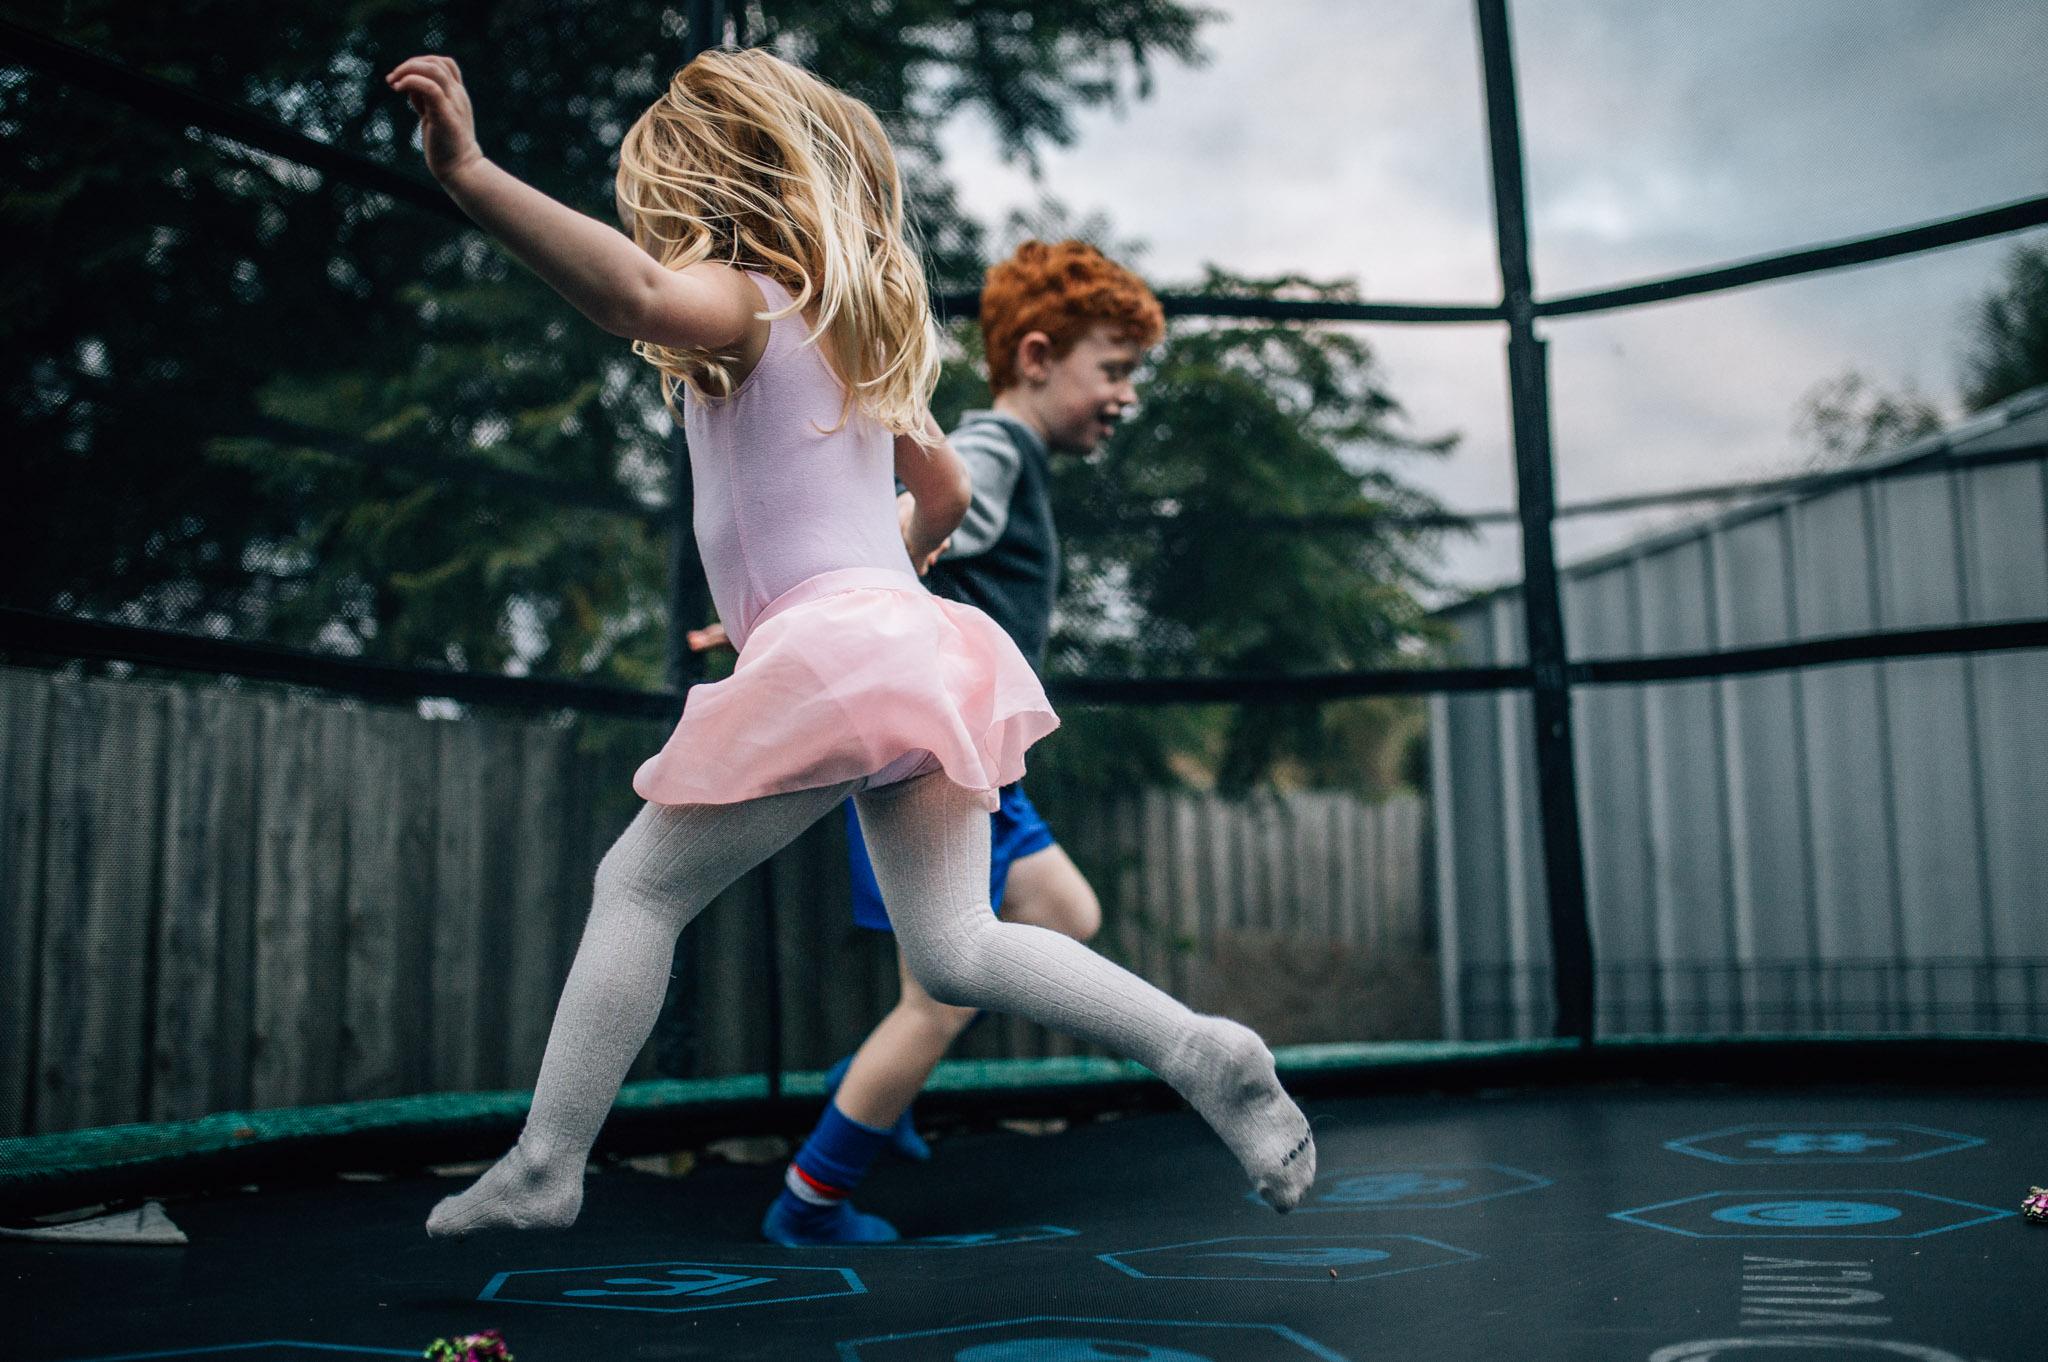 Children running on trampoline.